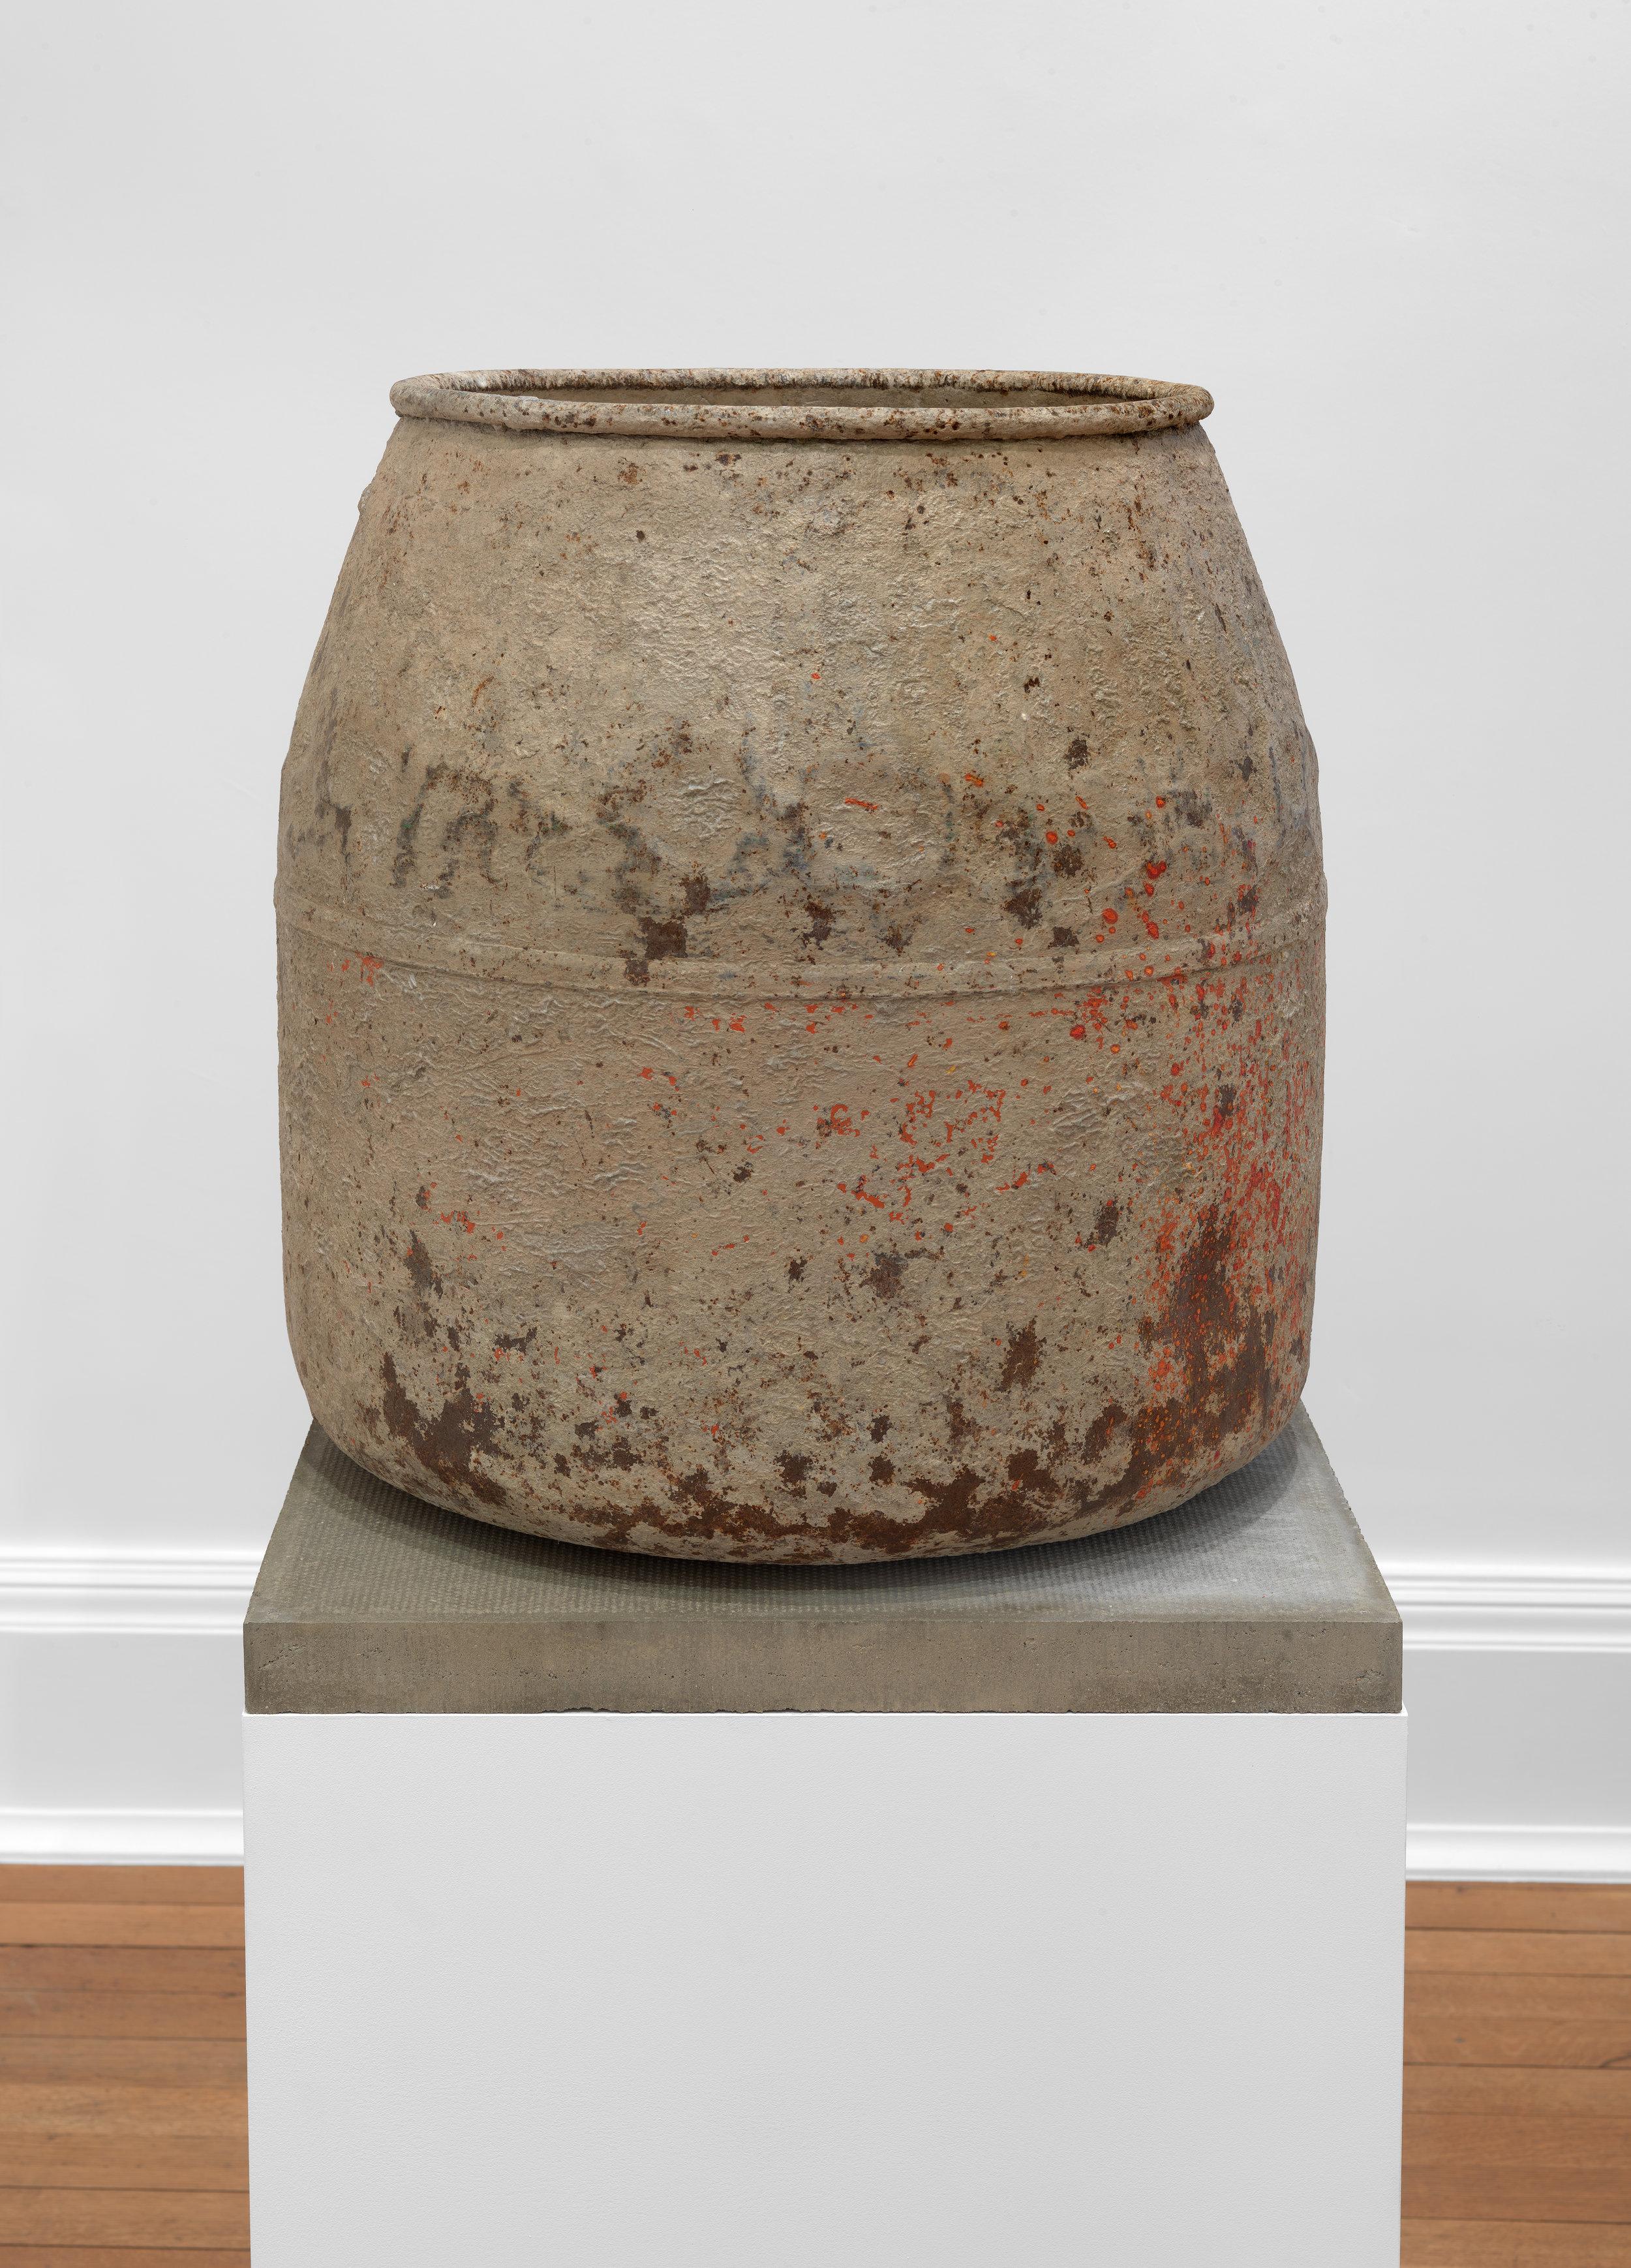 11. Full Catastrophe (Drum VIII), Alexandre da Cunha, 2012 - Tate. Image: Todd White Photography. Courtesy of artist Alexandre da Cunha/Thomas Dane Gallery.